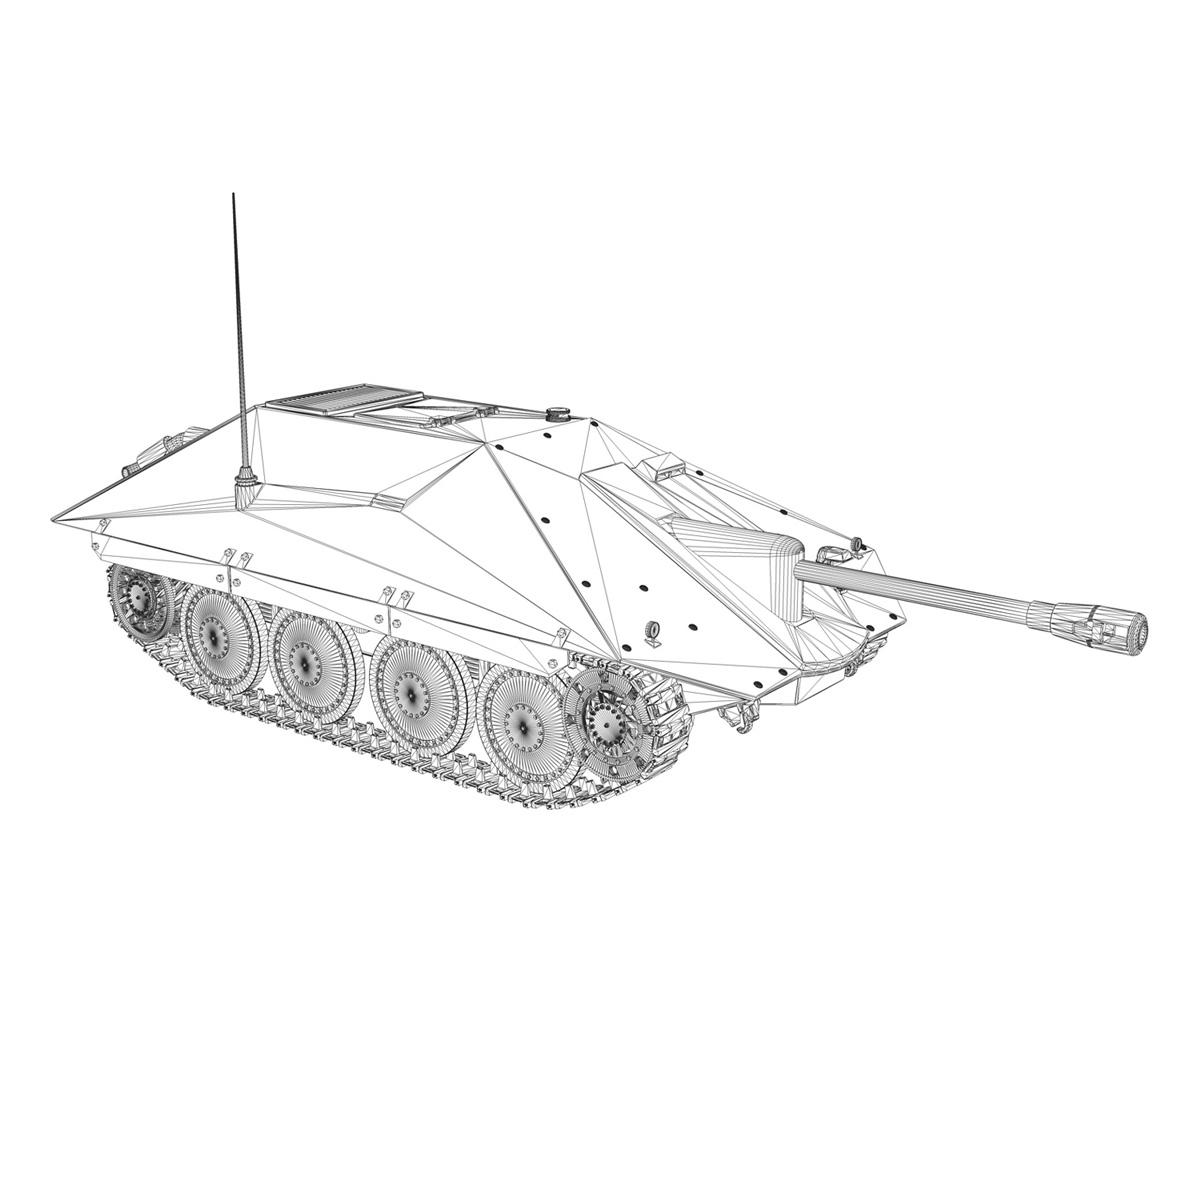 maresal m06 – romanian tank destroyerr 3d model 3ds fbx c4d lwo obj 189668